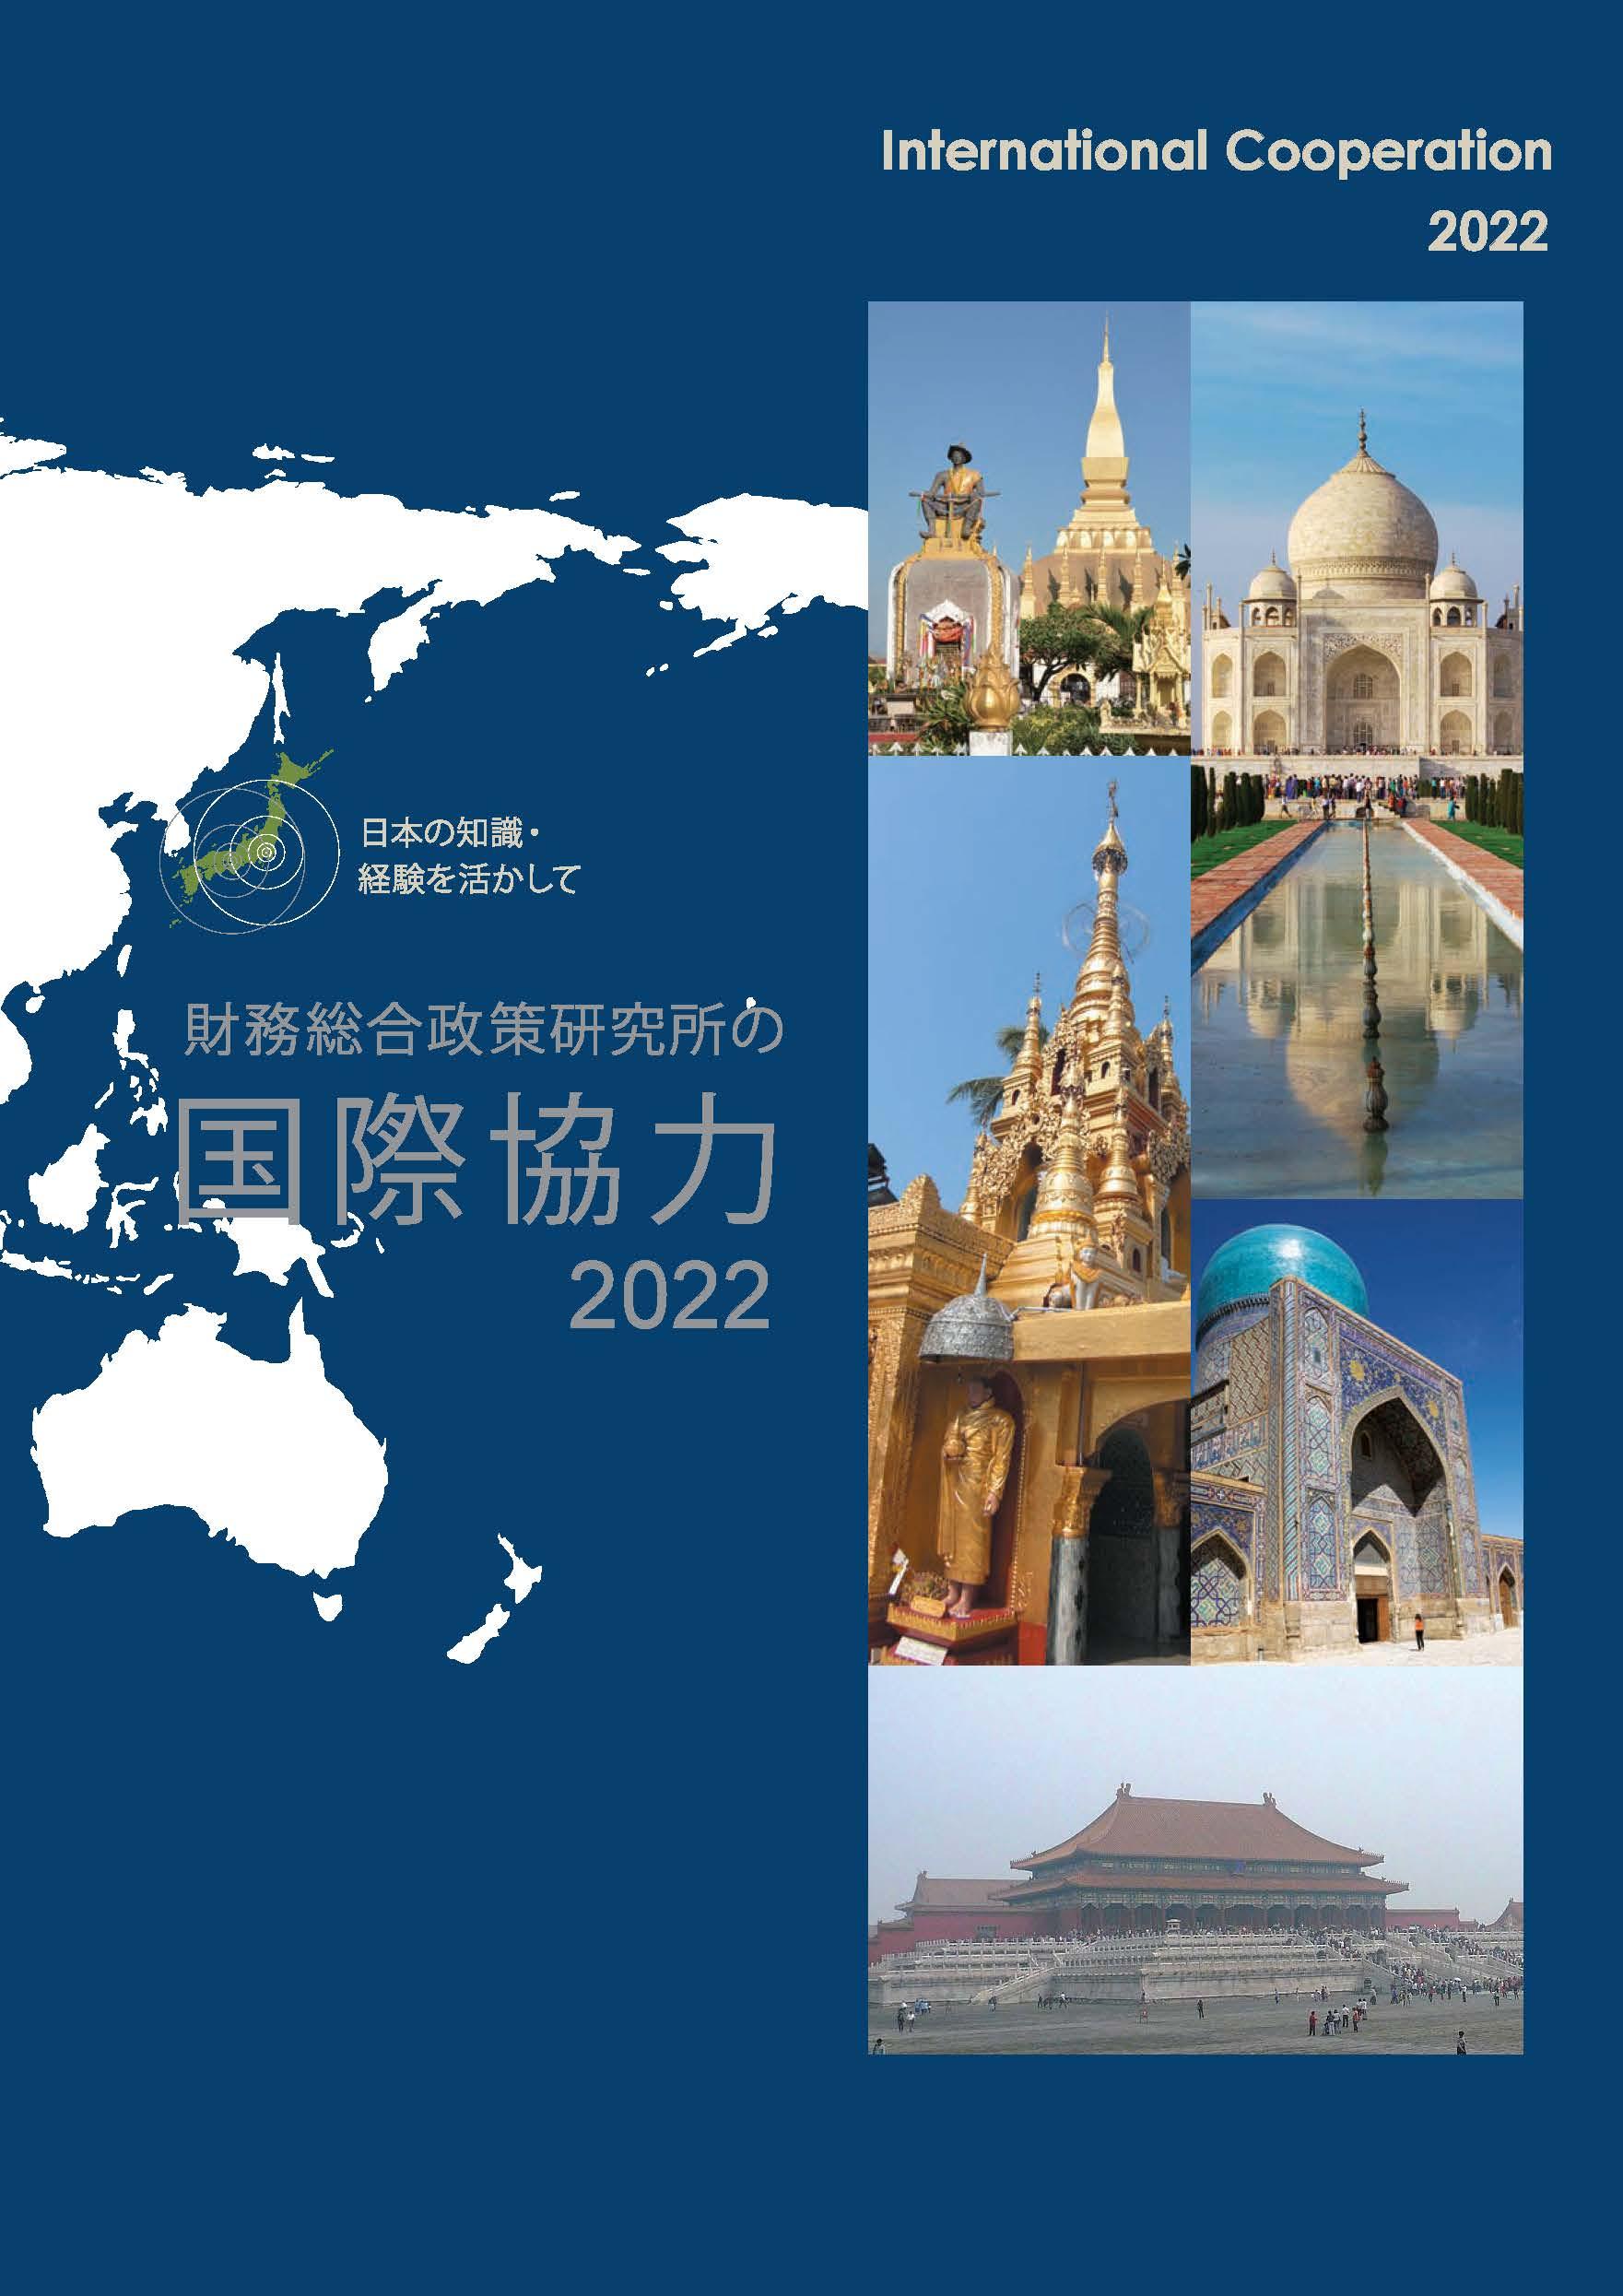 財務総合政策研究所の国際協力